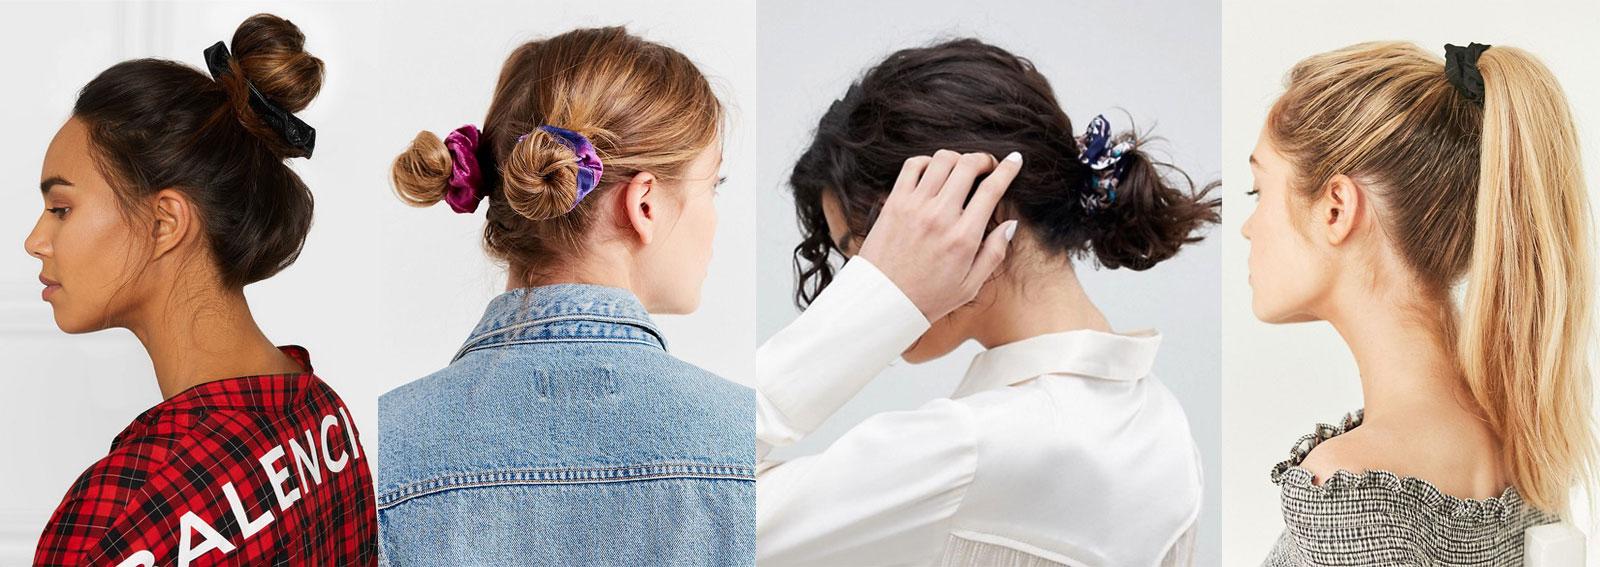 scrunchie-elastico-capelli-in-tessuto-anni-90-cover-desktop